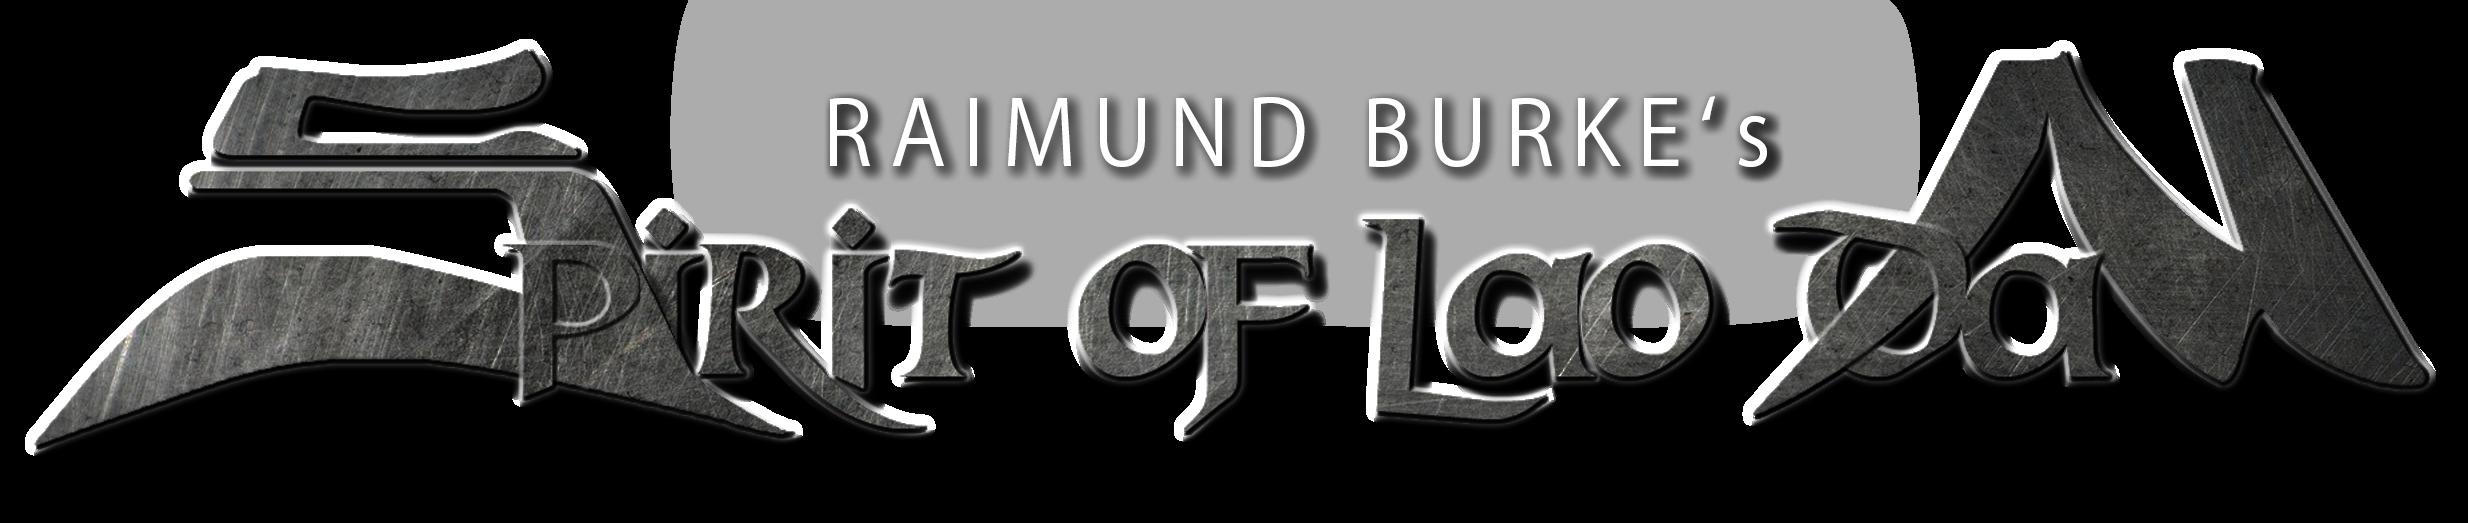 Raimund Burke's Spirit Of Lao Dan